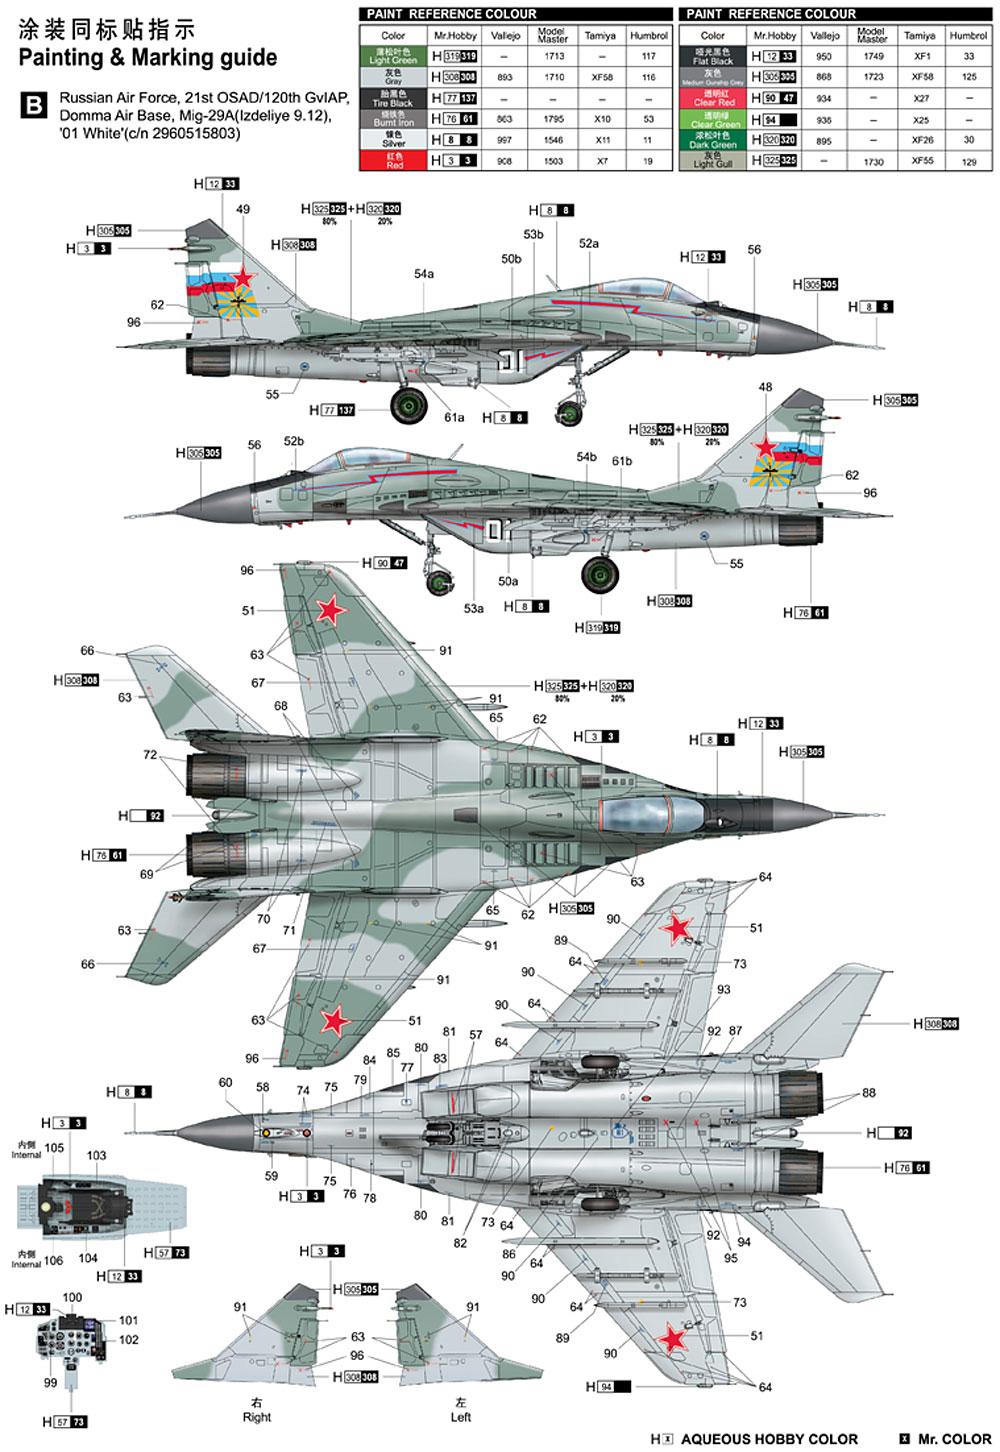 MiG-29A ファルクラムA型プラモデル(トランペッター1/32 エアクラフトシリーズNo.03223)商品画像_3